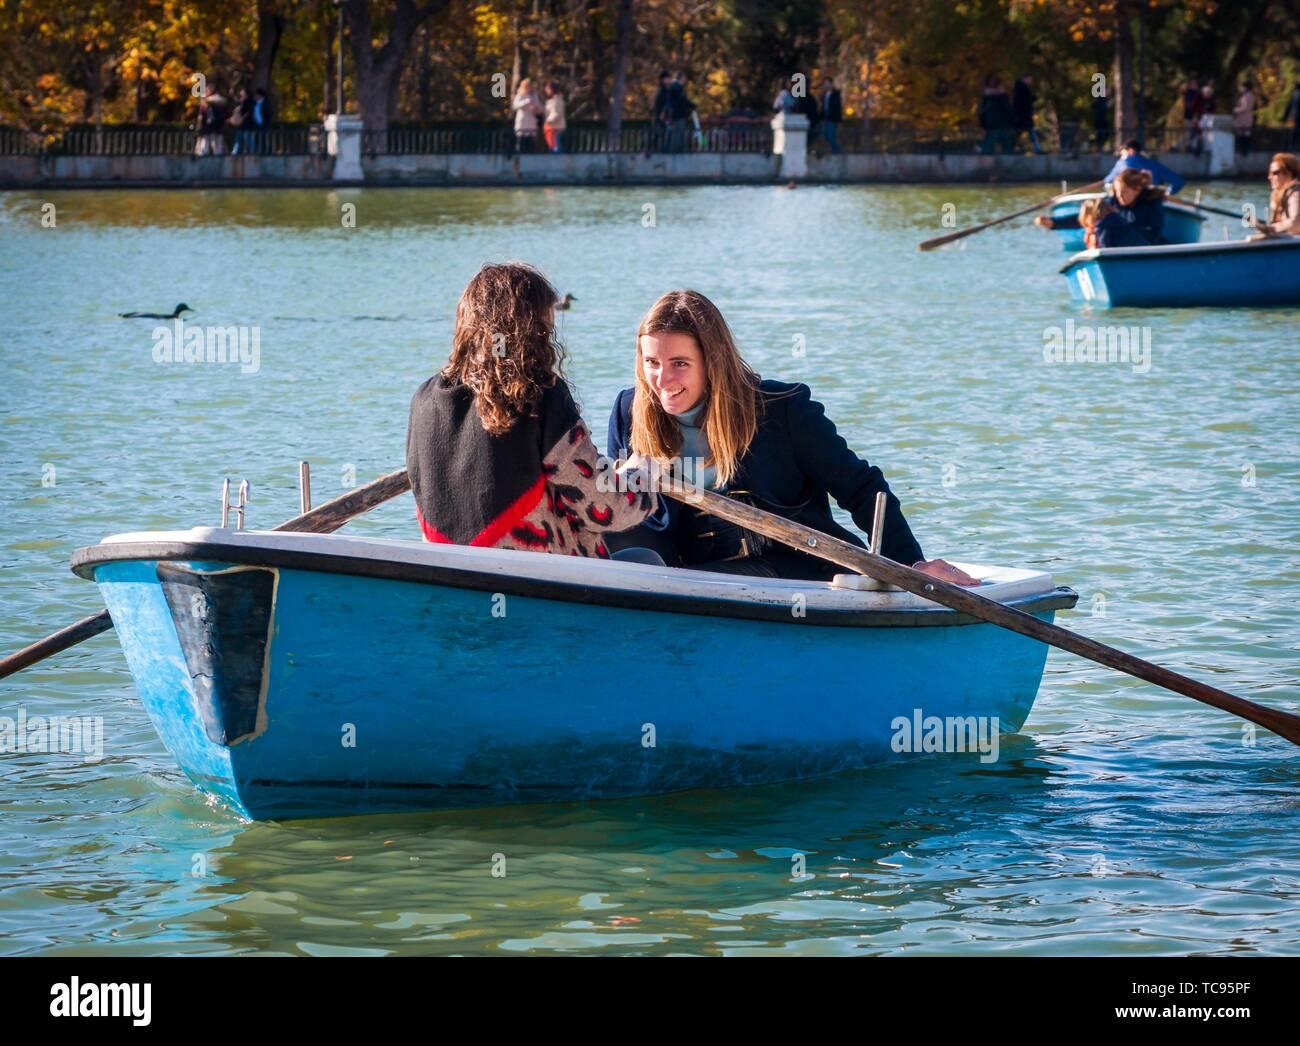 Barca en el Estanque del Parque de El Retiro. Madrid. España. - Stock Image